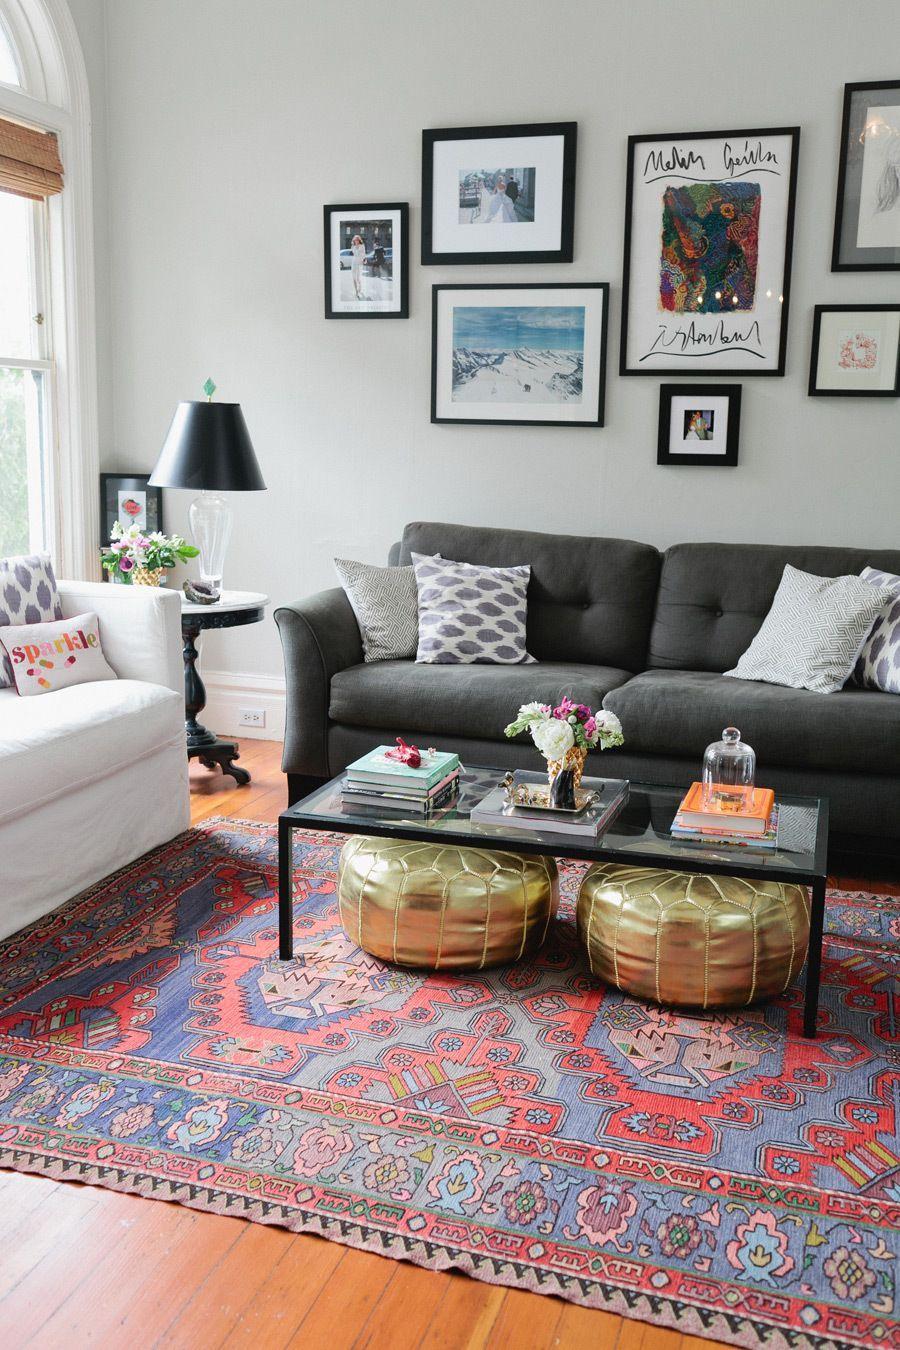 homedecor #home #decor #interior #photography #inspiration #design ...